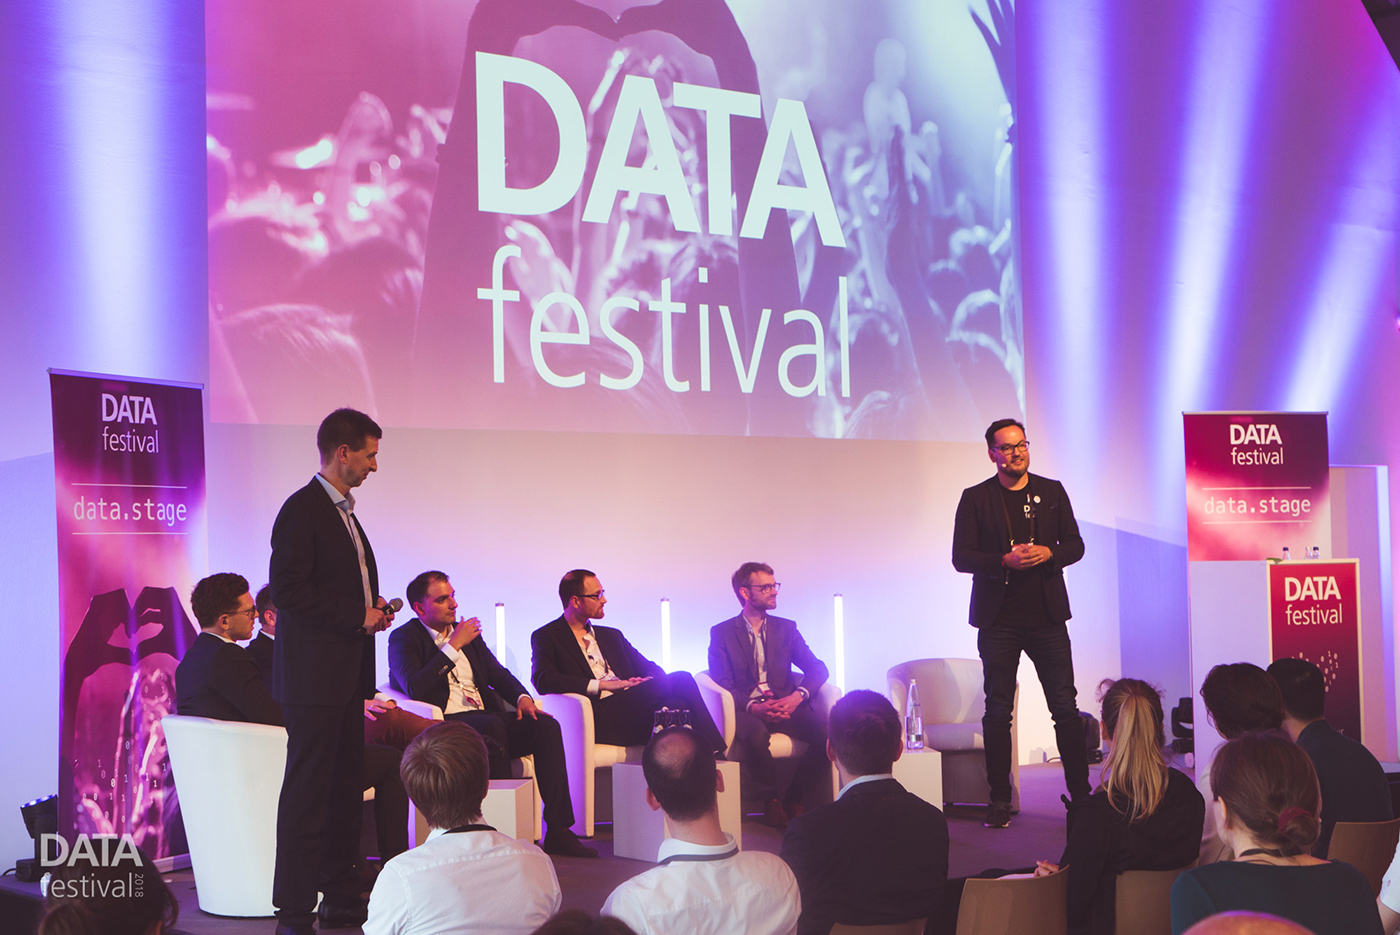 Deutschlands größte Data Konferenz sucht Speaker für 2020